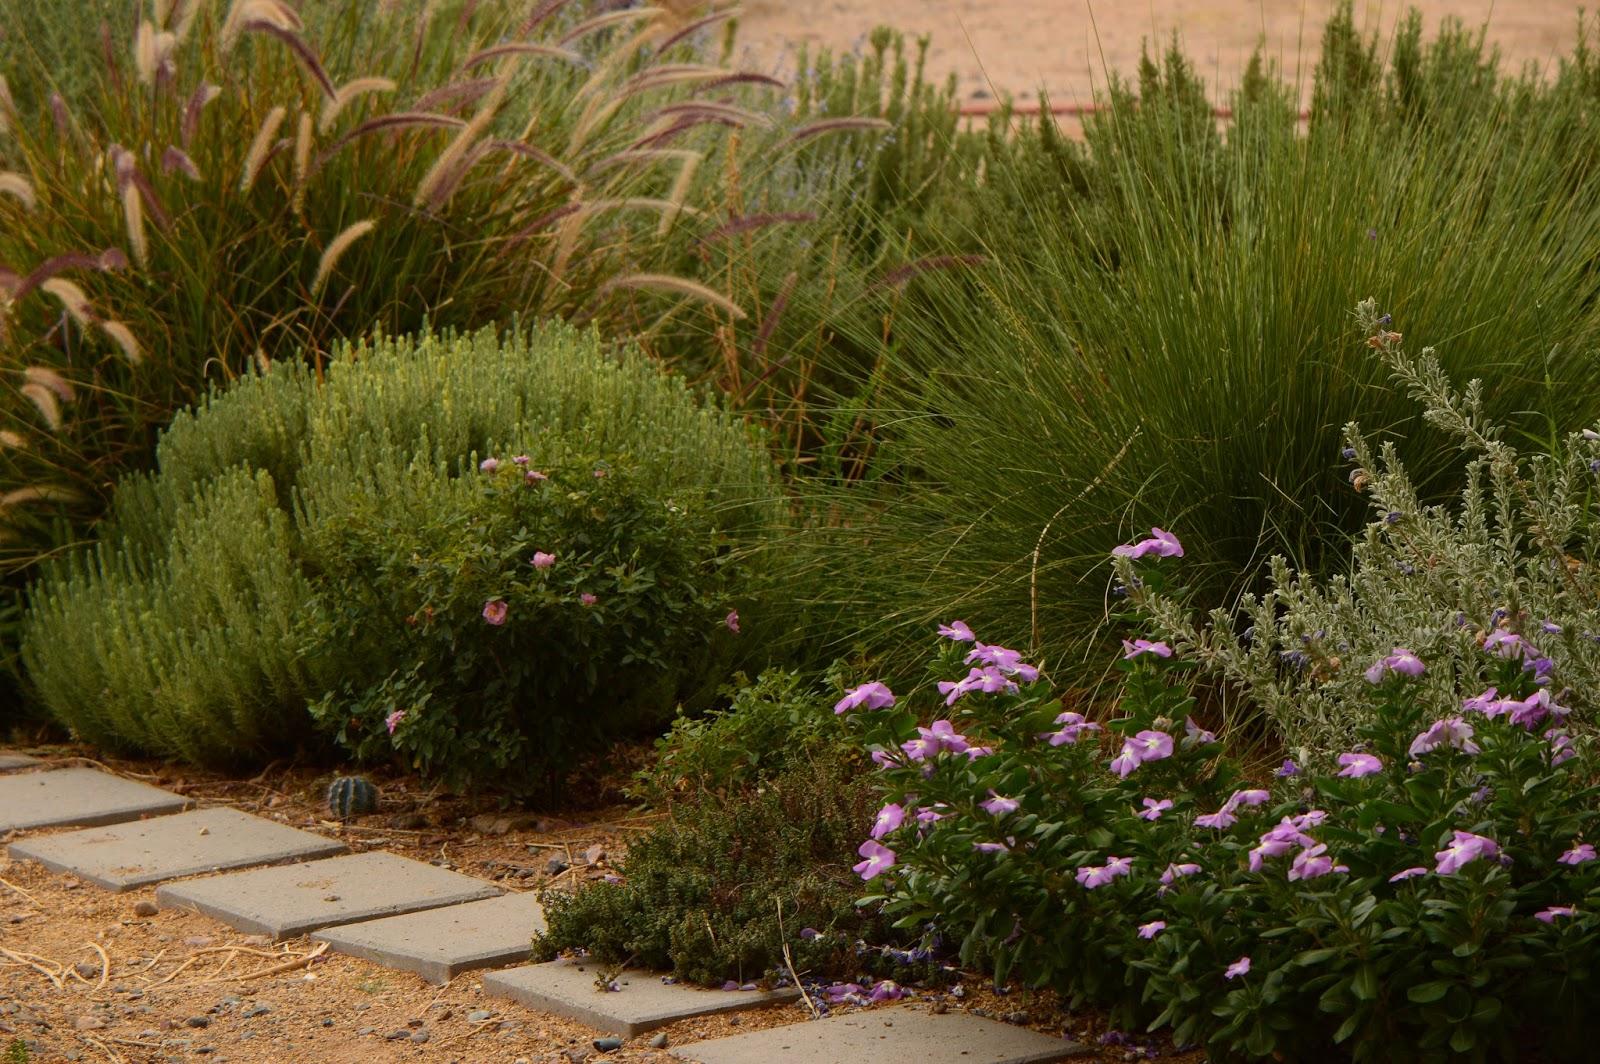 A Small, Sunny Garden: Tuesday View